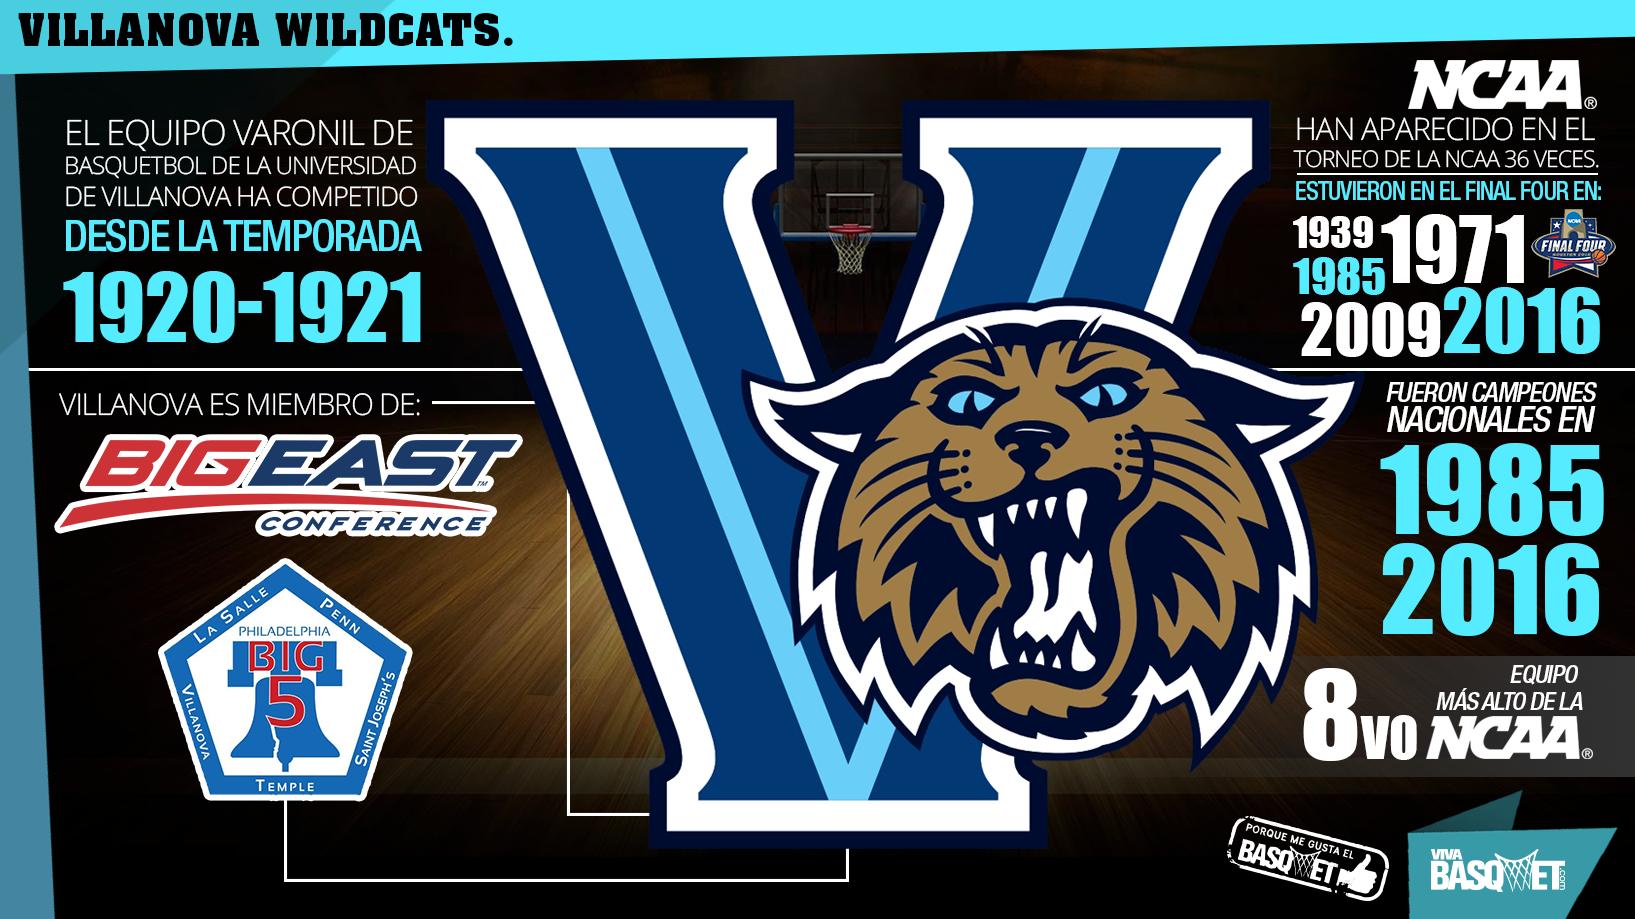 Los Wildcats de Villanova por Viva Basquet.